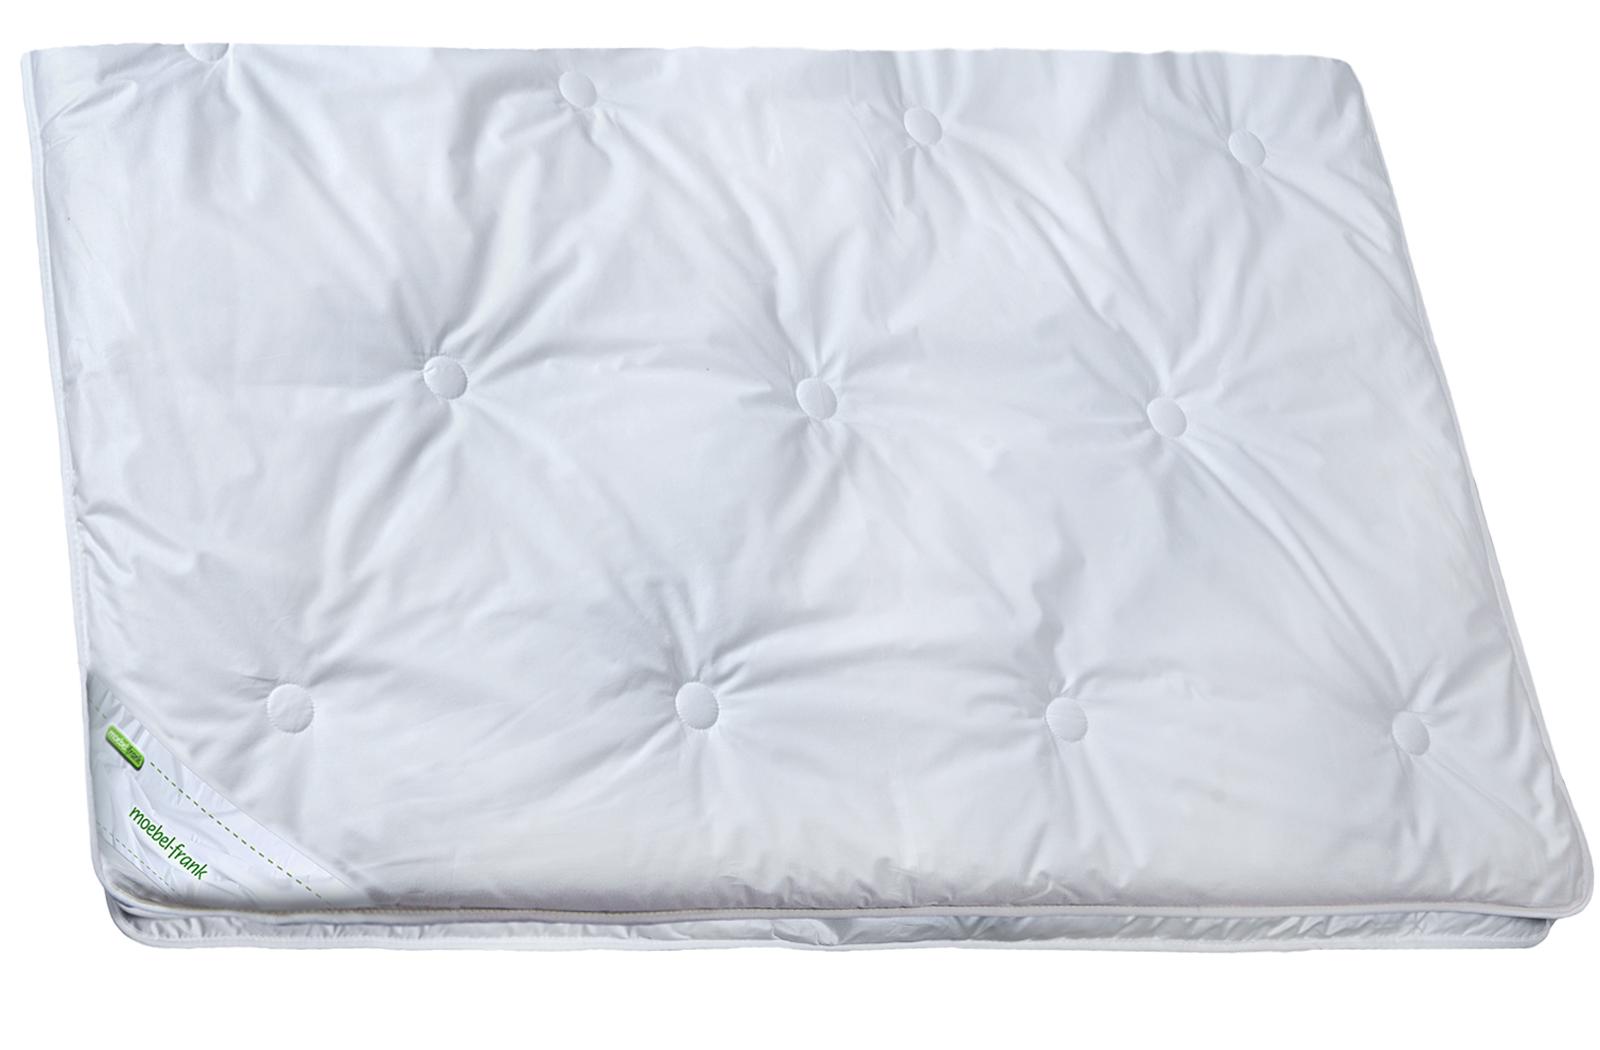 Bettdecke 4-Jahreszeiten Tencel Lyocell  Baumwolle waschbar 60° Fabienne – Bild 1